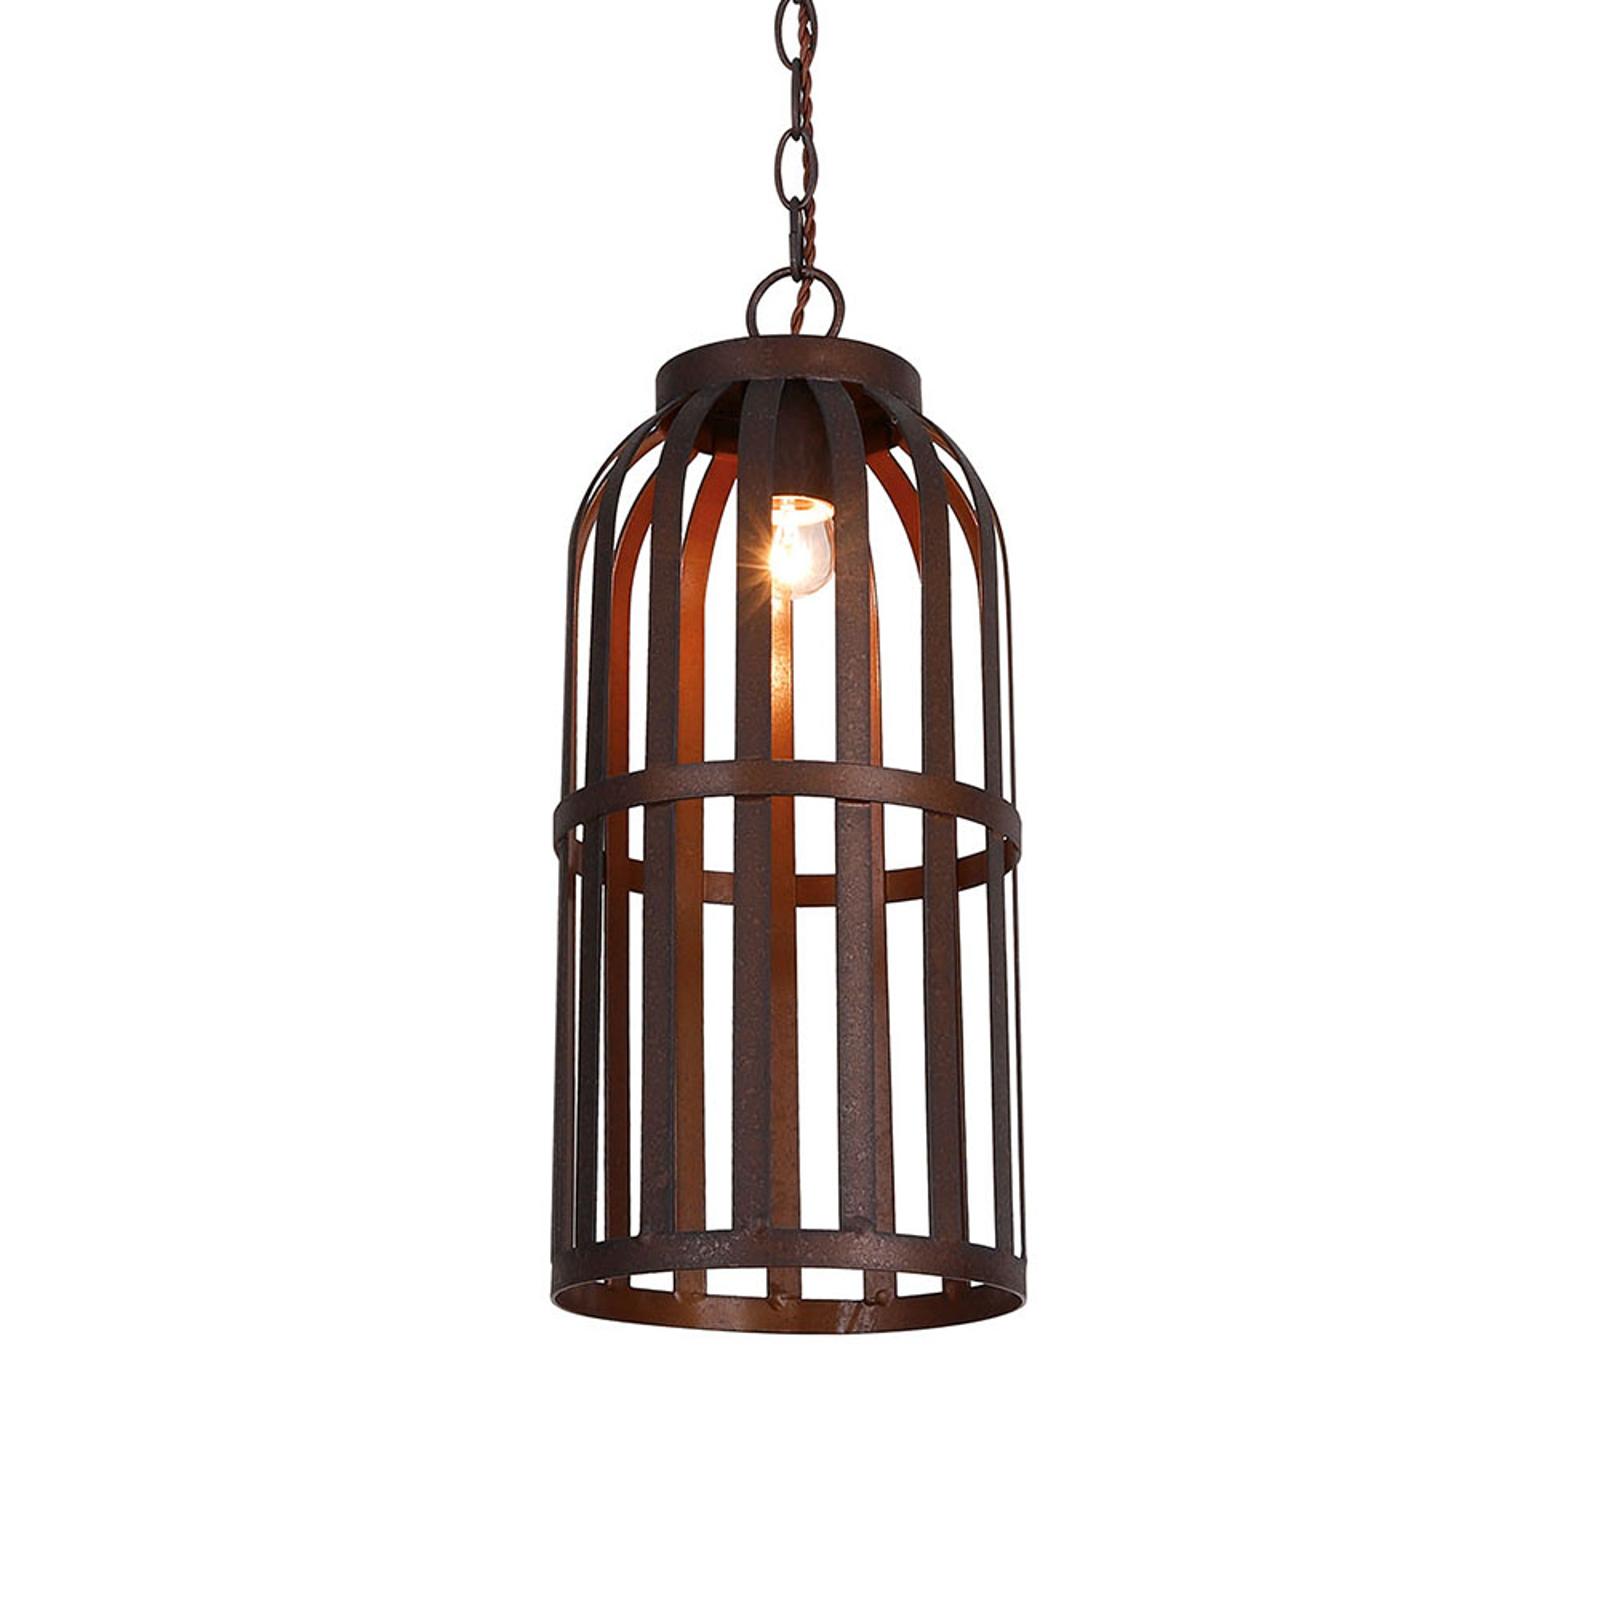 Lampa wisząca Ralph, klatka, brązowa, Ø 20 cm